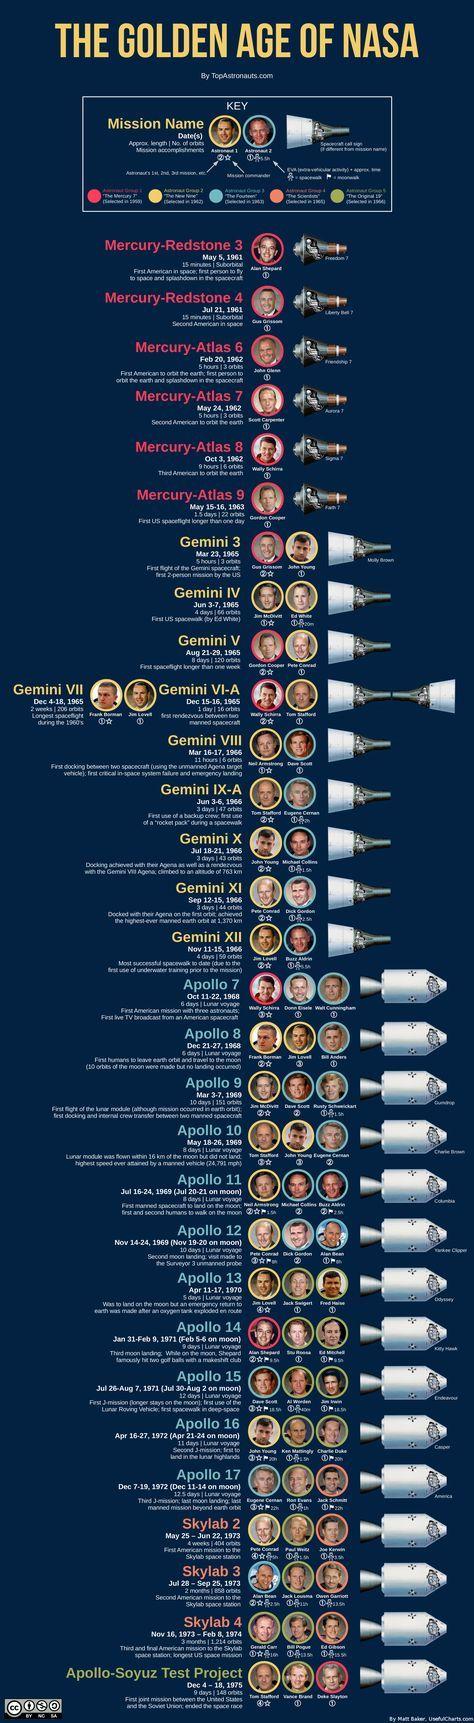 Edad de oro de los viajes espaciales de la NASA. Carta detallando las misiones Mercury, Geminis, Apollo y Skylab.